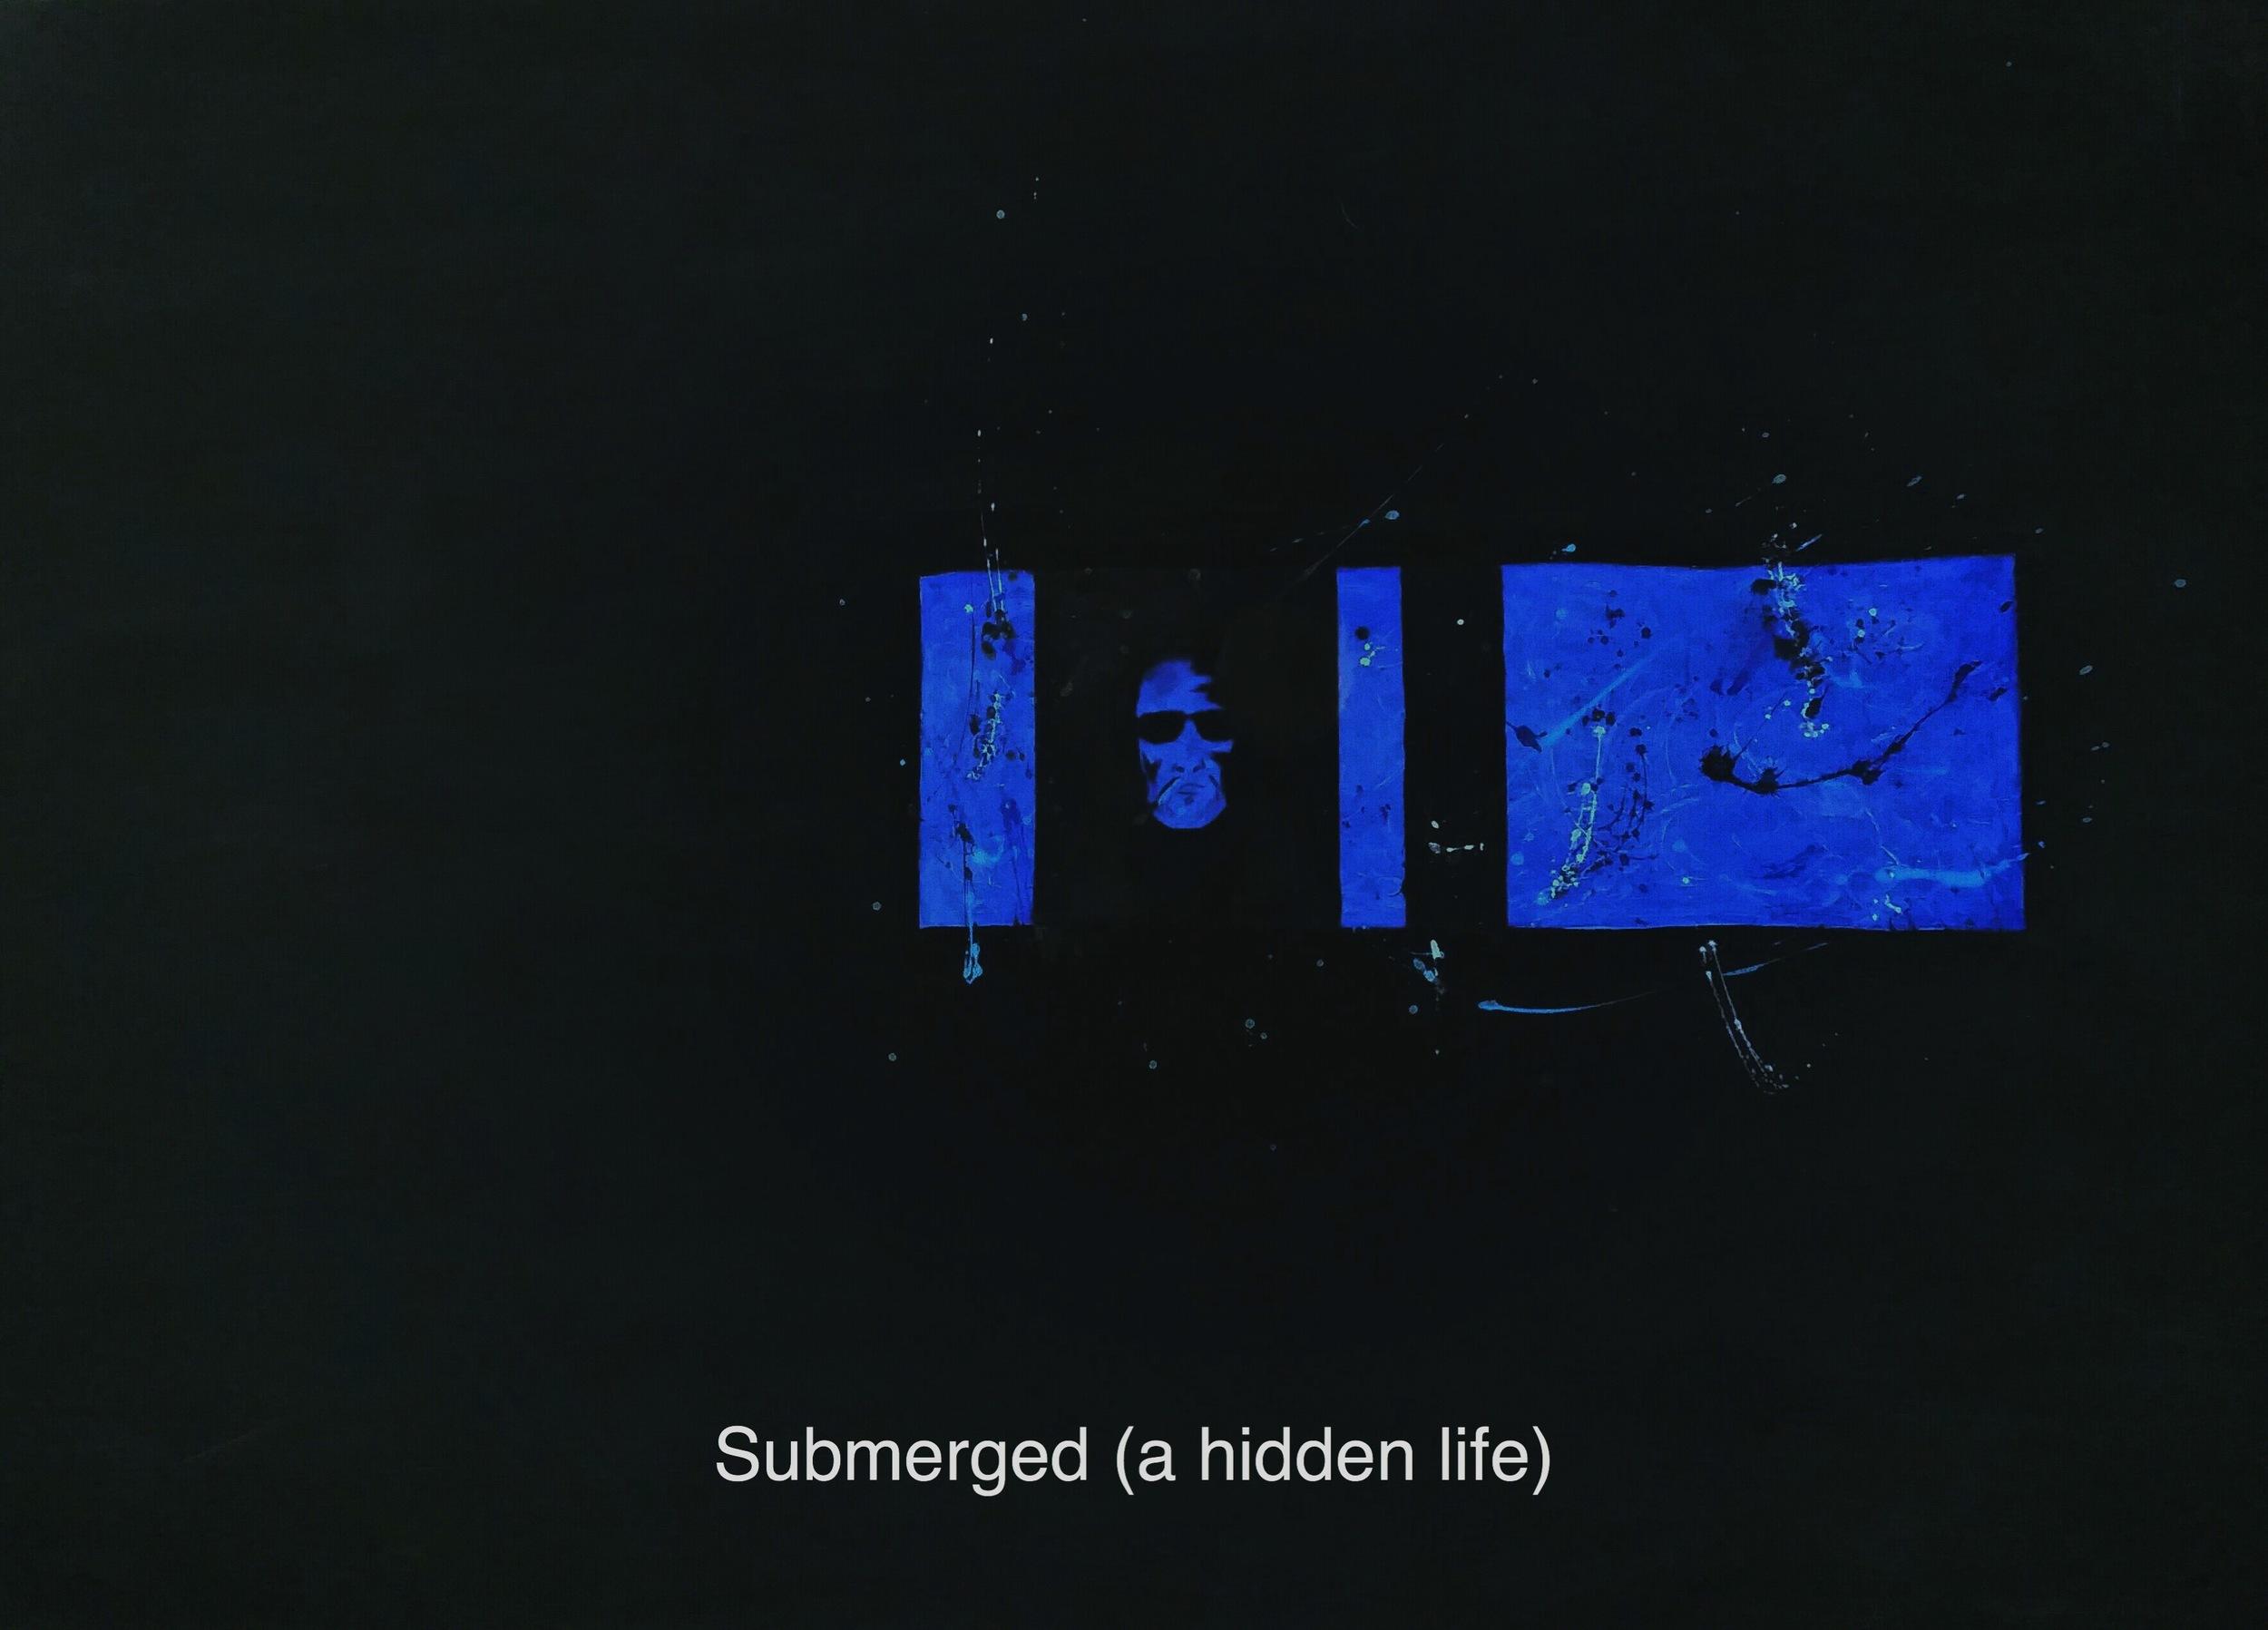 Submerged (a hidden life).jpg